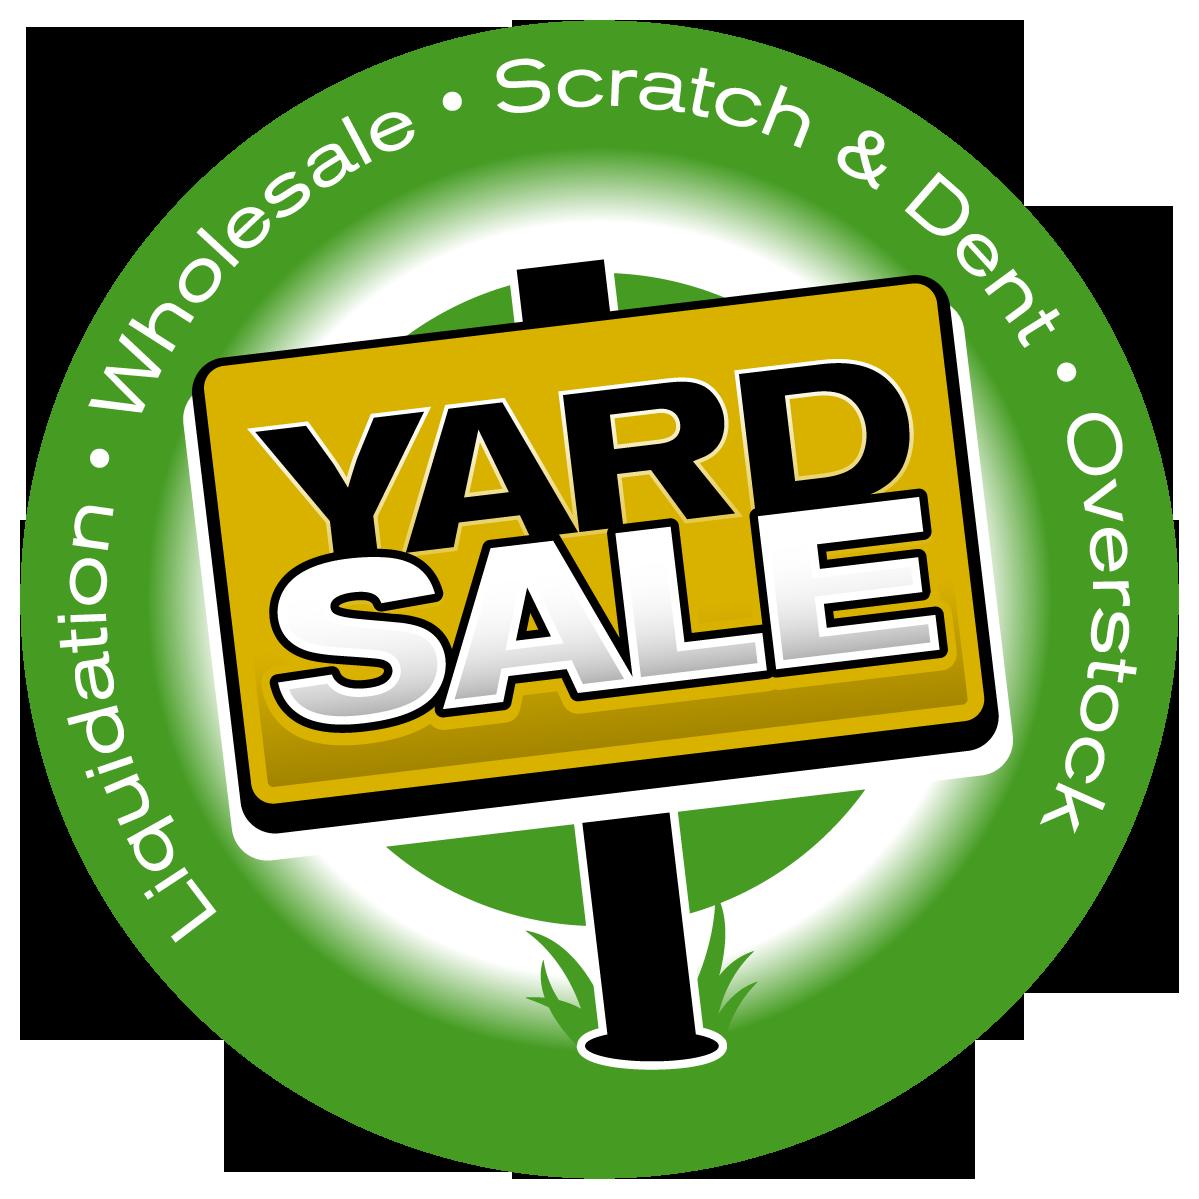 Clipart church yard sale. Usa the auction house